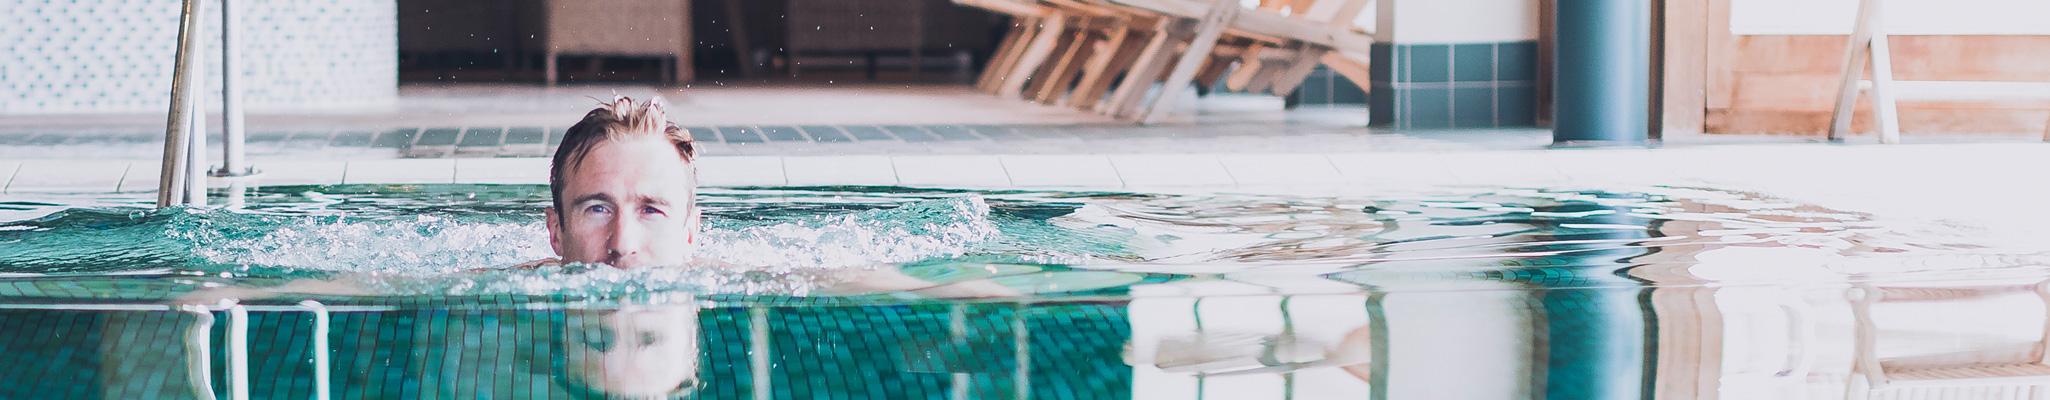 Simmar i en av Smögen Hafvsbad pooler i spaavdelningen